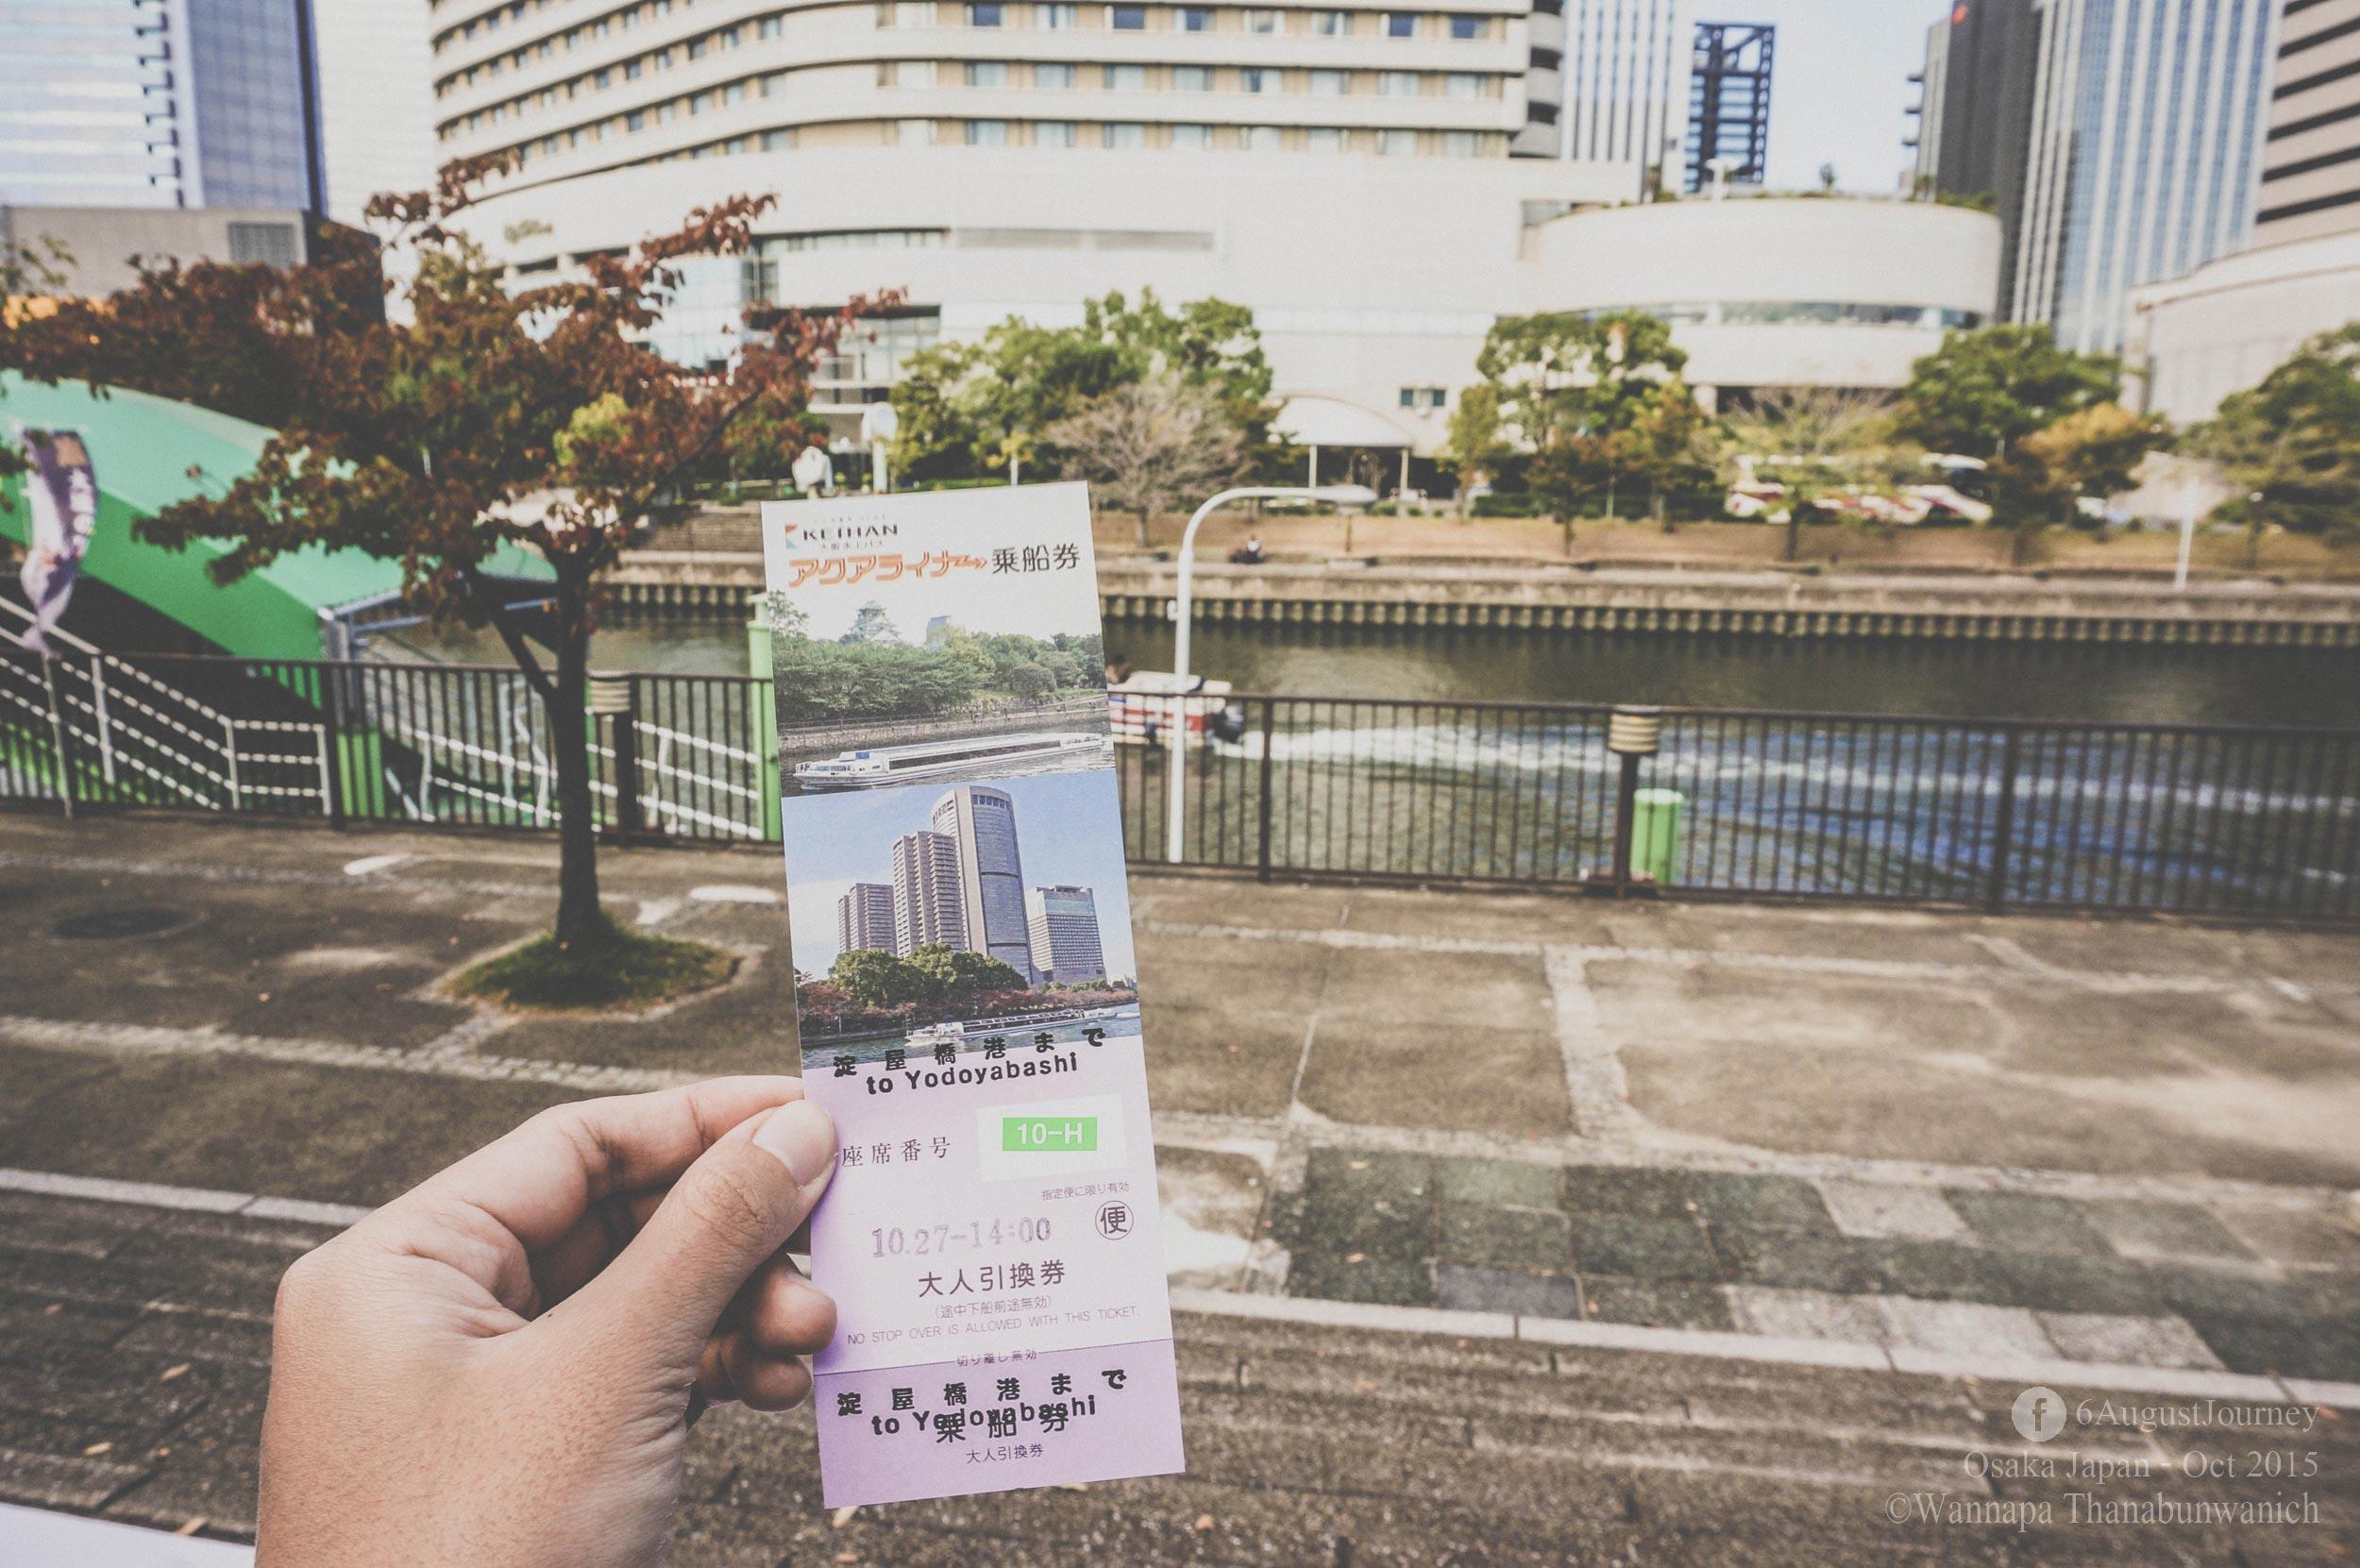 บัตรที่ได้สามารถใช้ Osaka Amazing Pass ลดราคาได้ด้วยค่ะ (ฟรีช่วง ธันวาคม - กุมพาพันธ์)